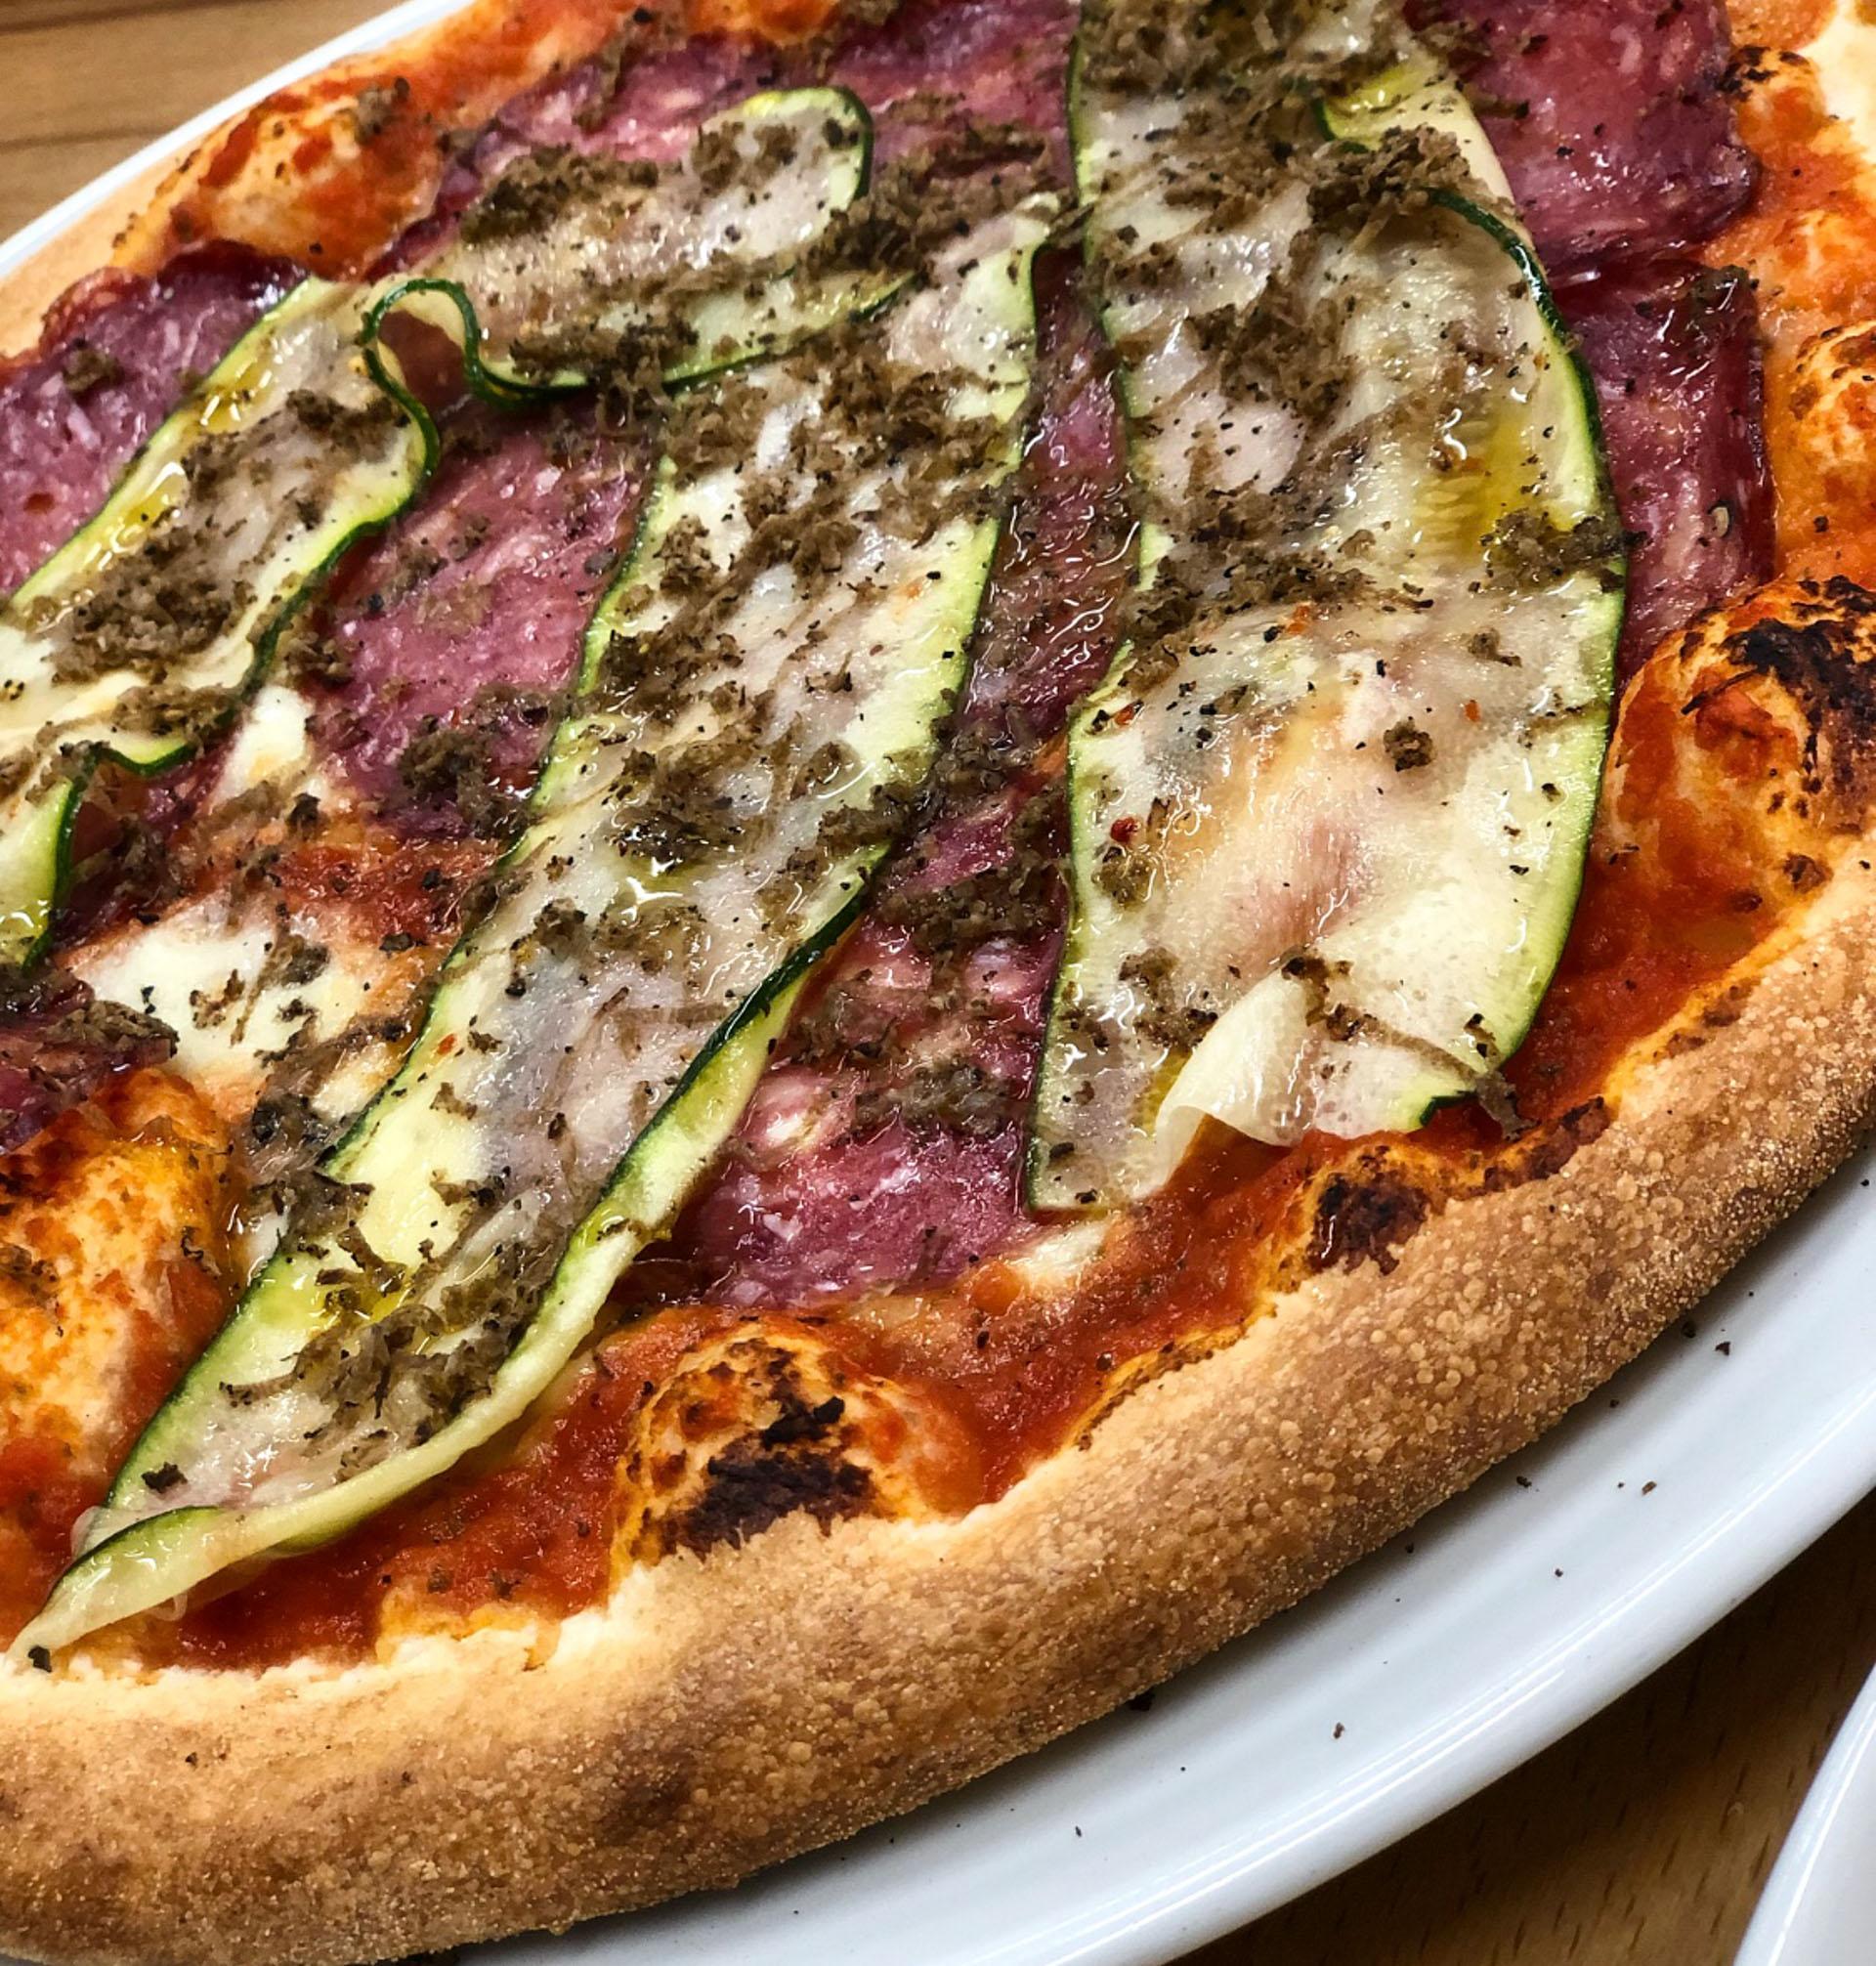 Efterårspizza: Adagio laver ny pizza med hjort og revet trøffel